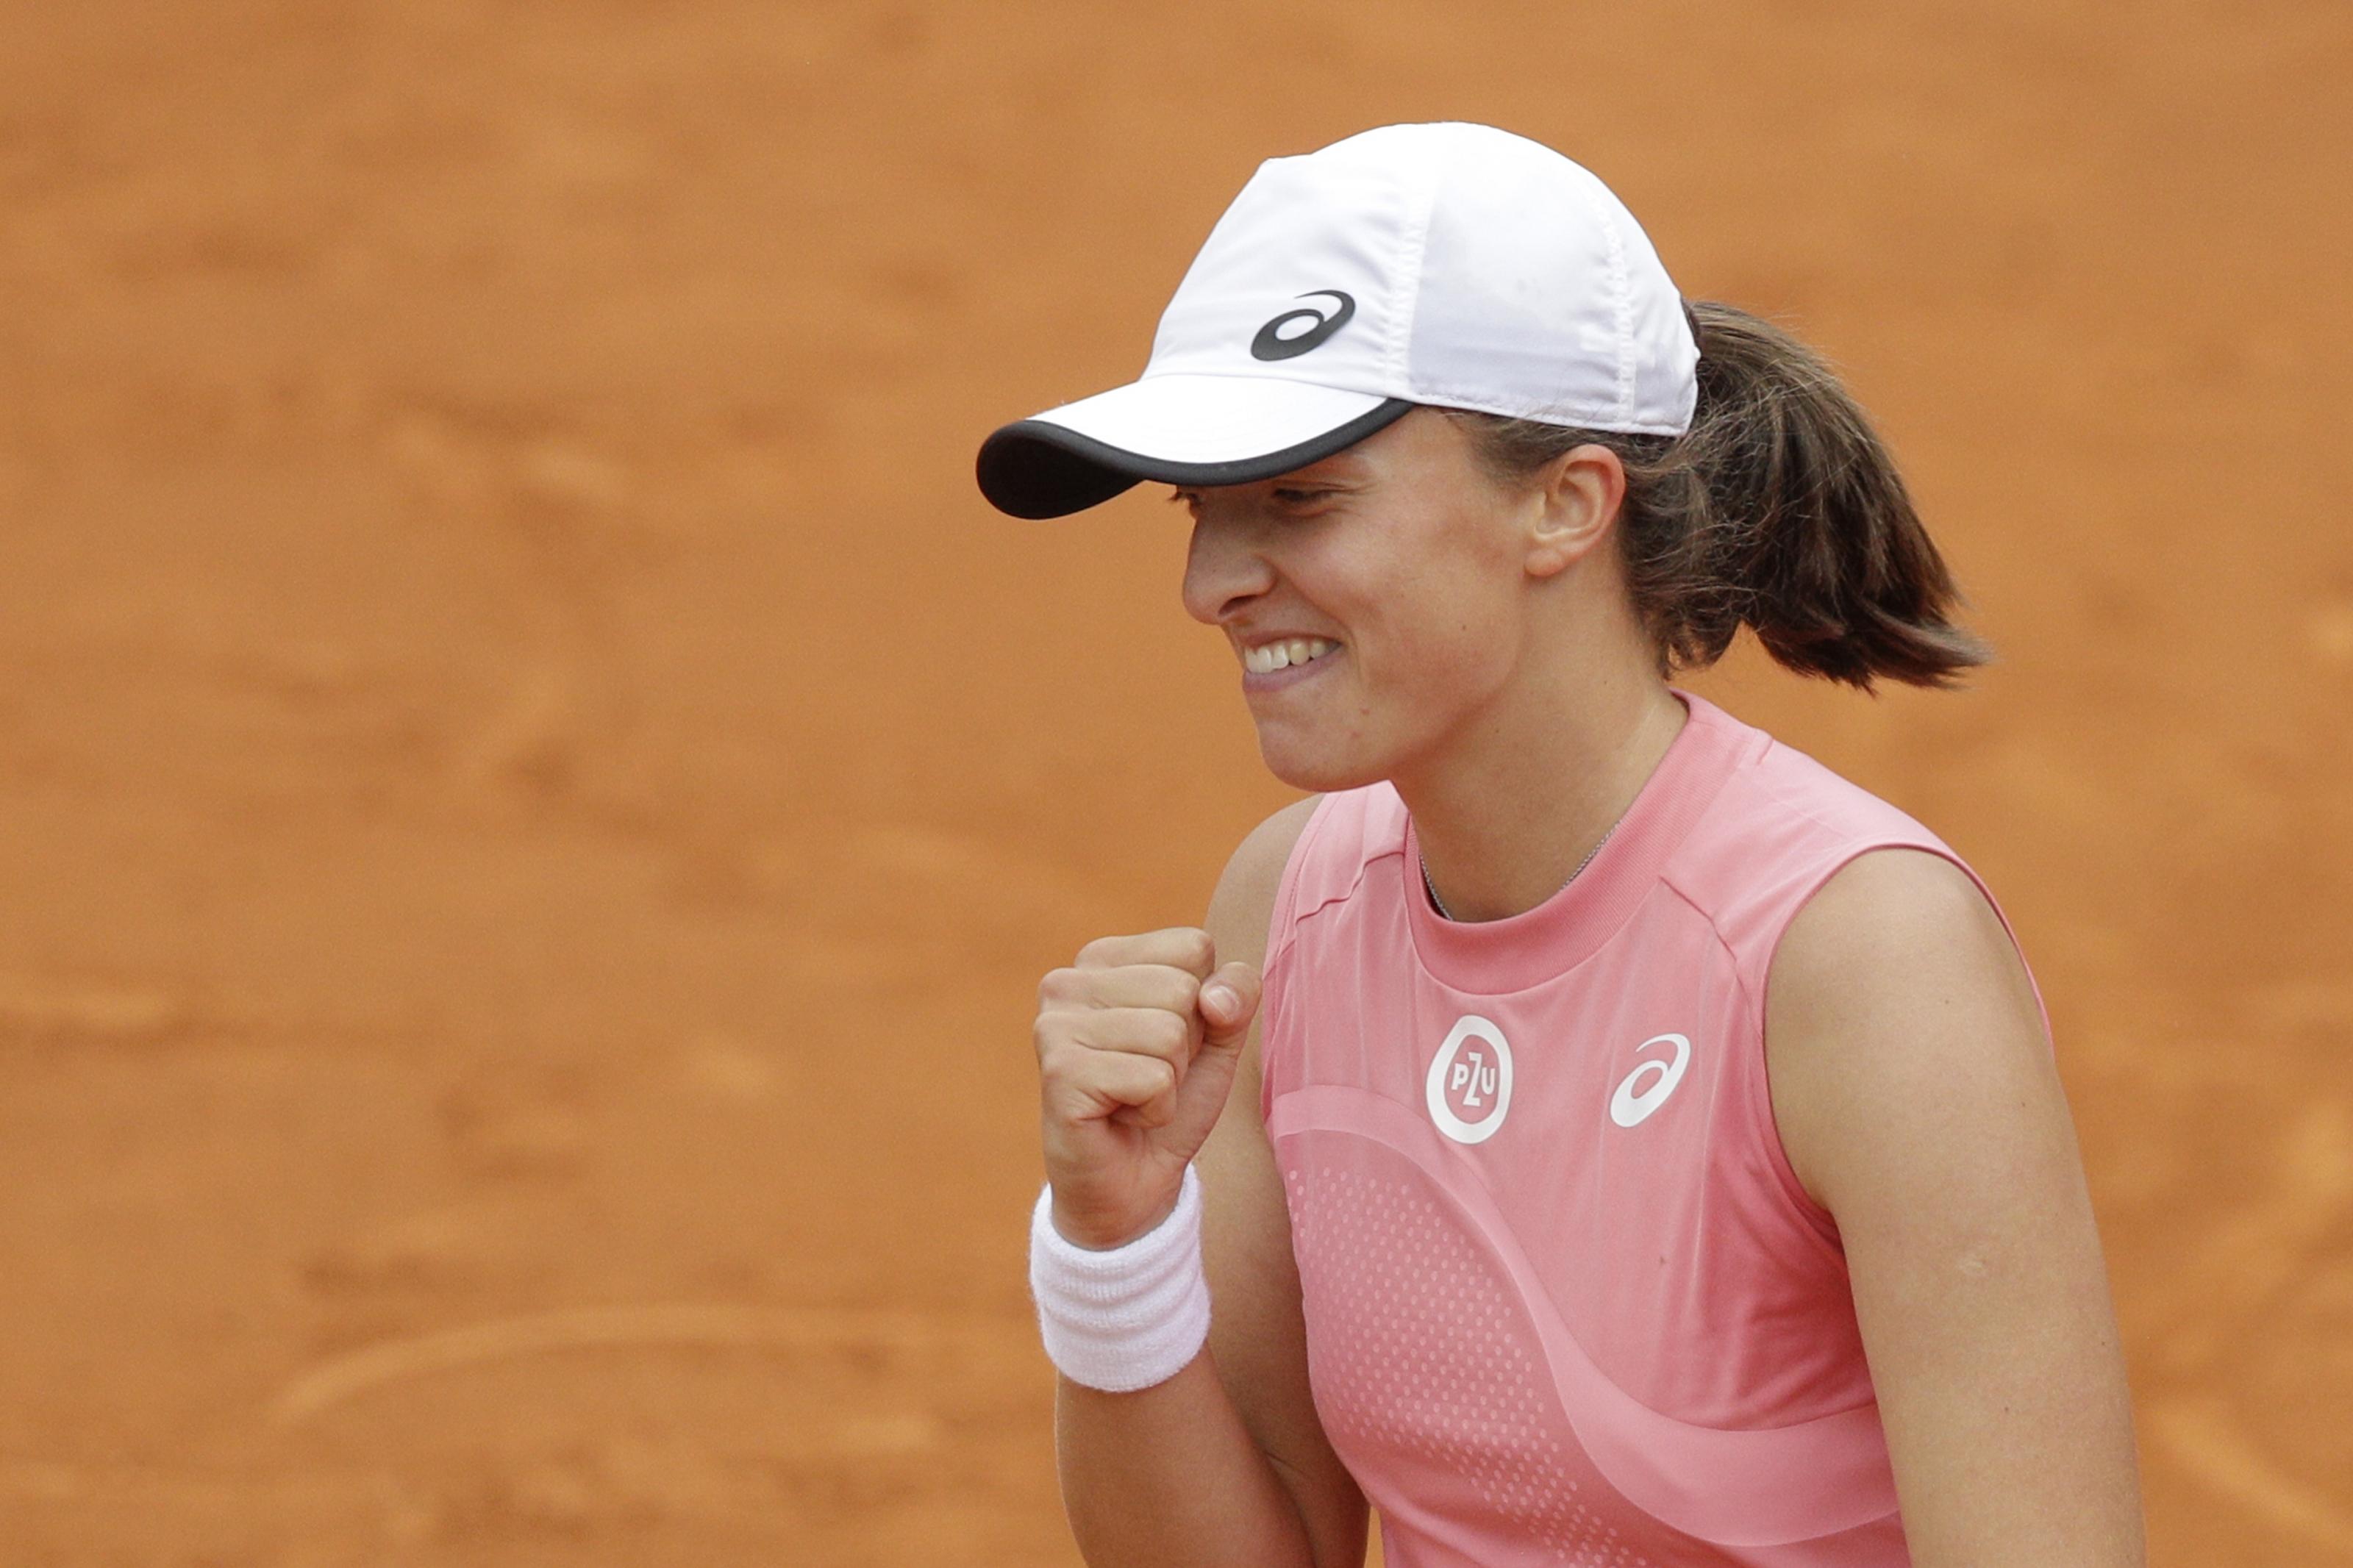 Roland Garros 2021: Iga Swiatek vs. Rebecca Peterson Tennis Pick and Prediction